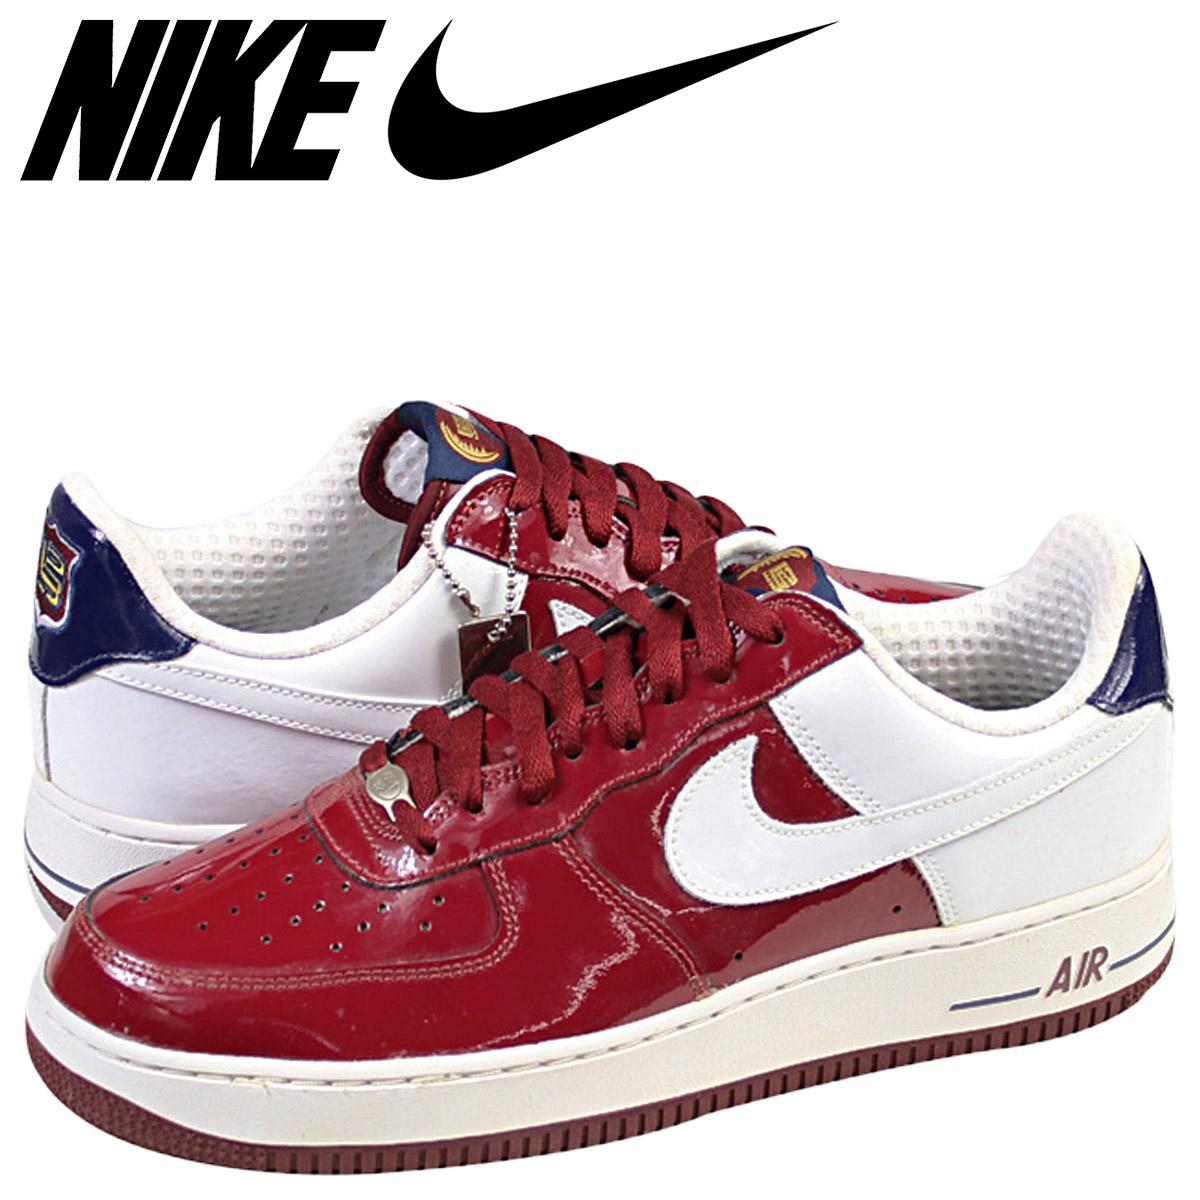 Lebron 309 096 611 Red Sneakers 1 Air Force Premium Revlon Men Nike hrCtsQd